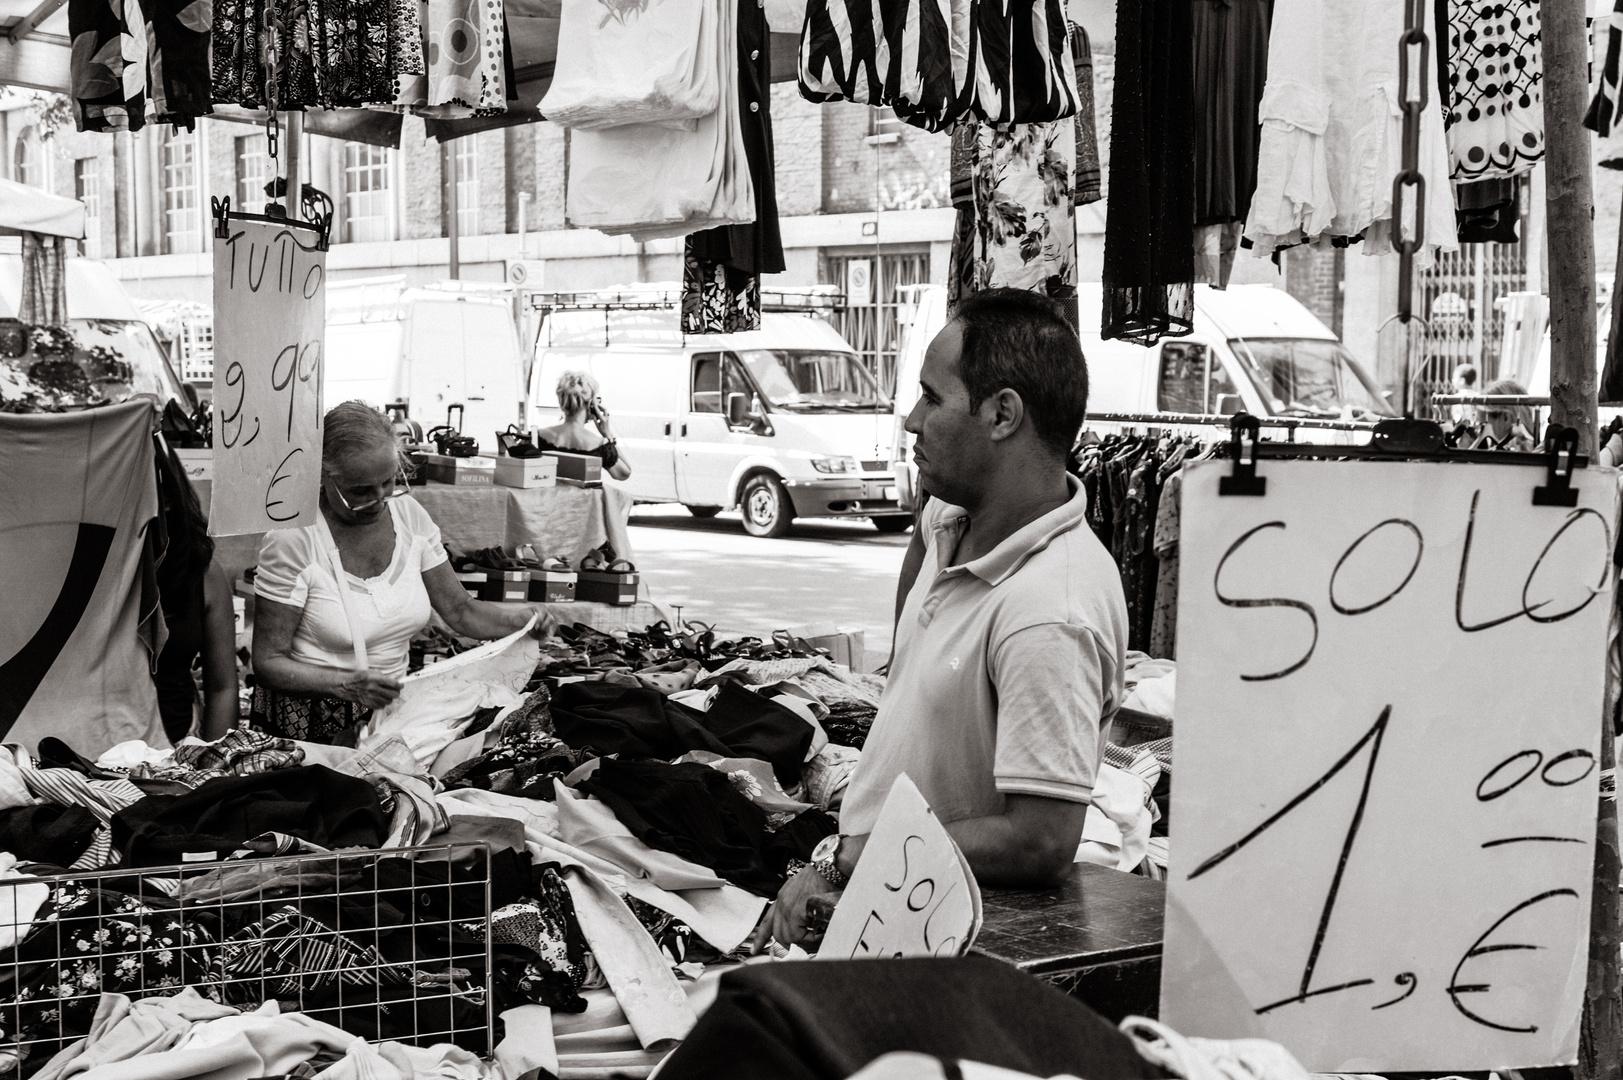 Markt in Mailand